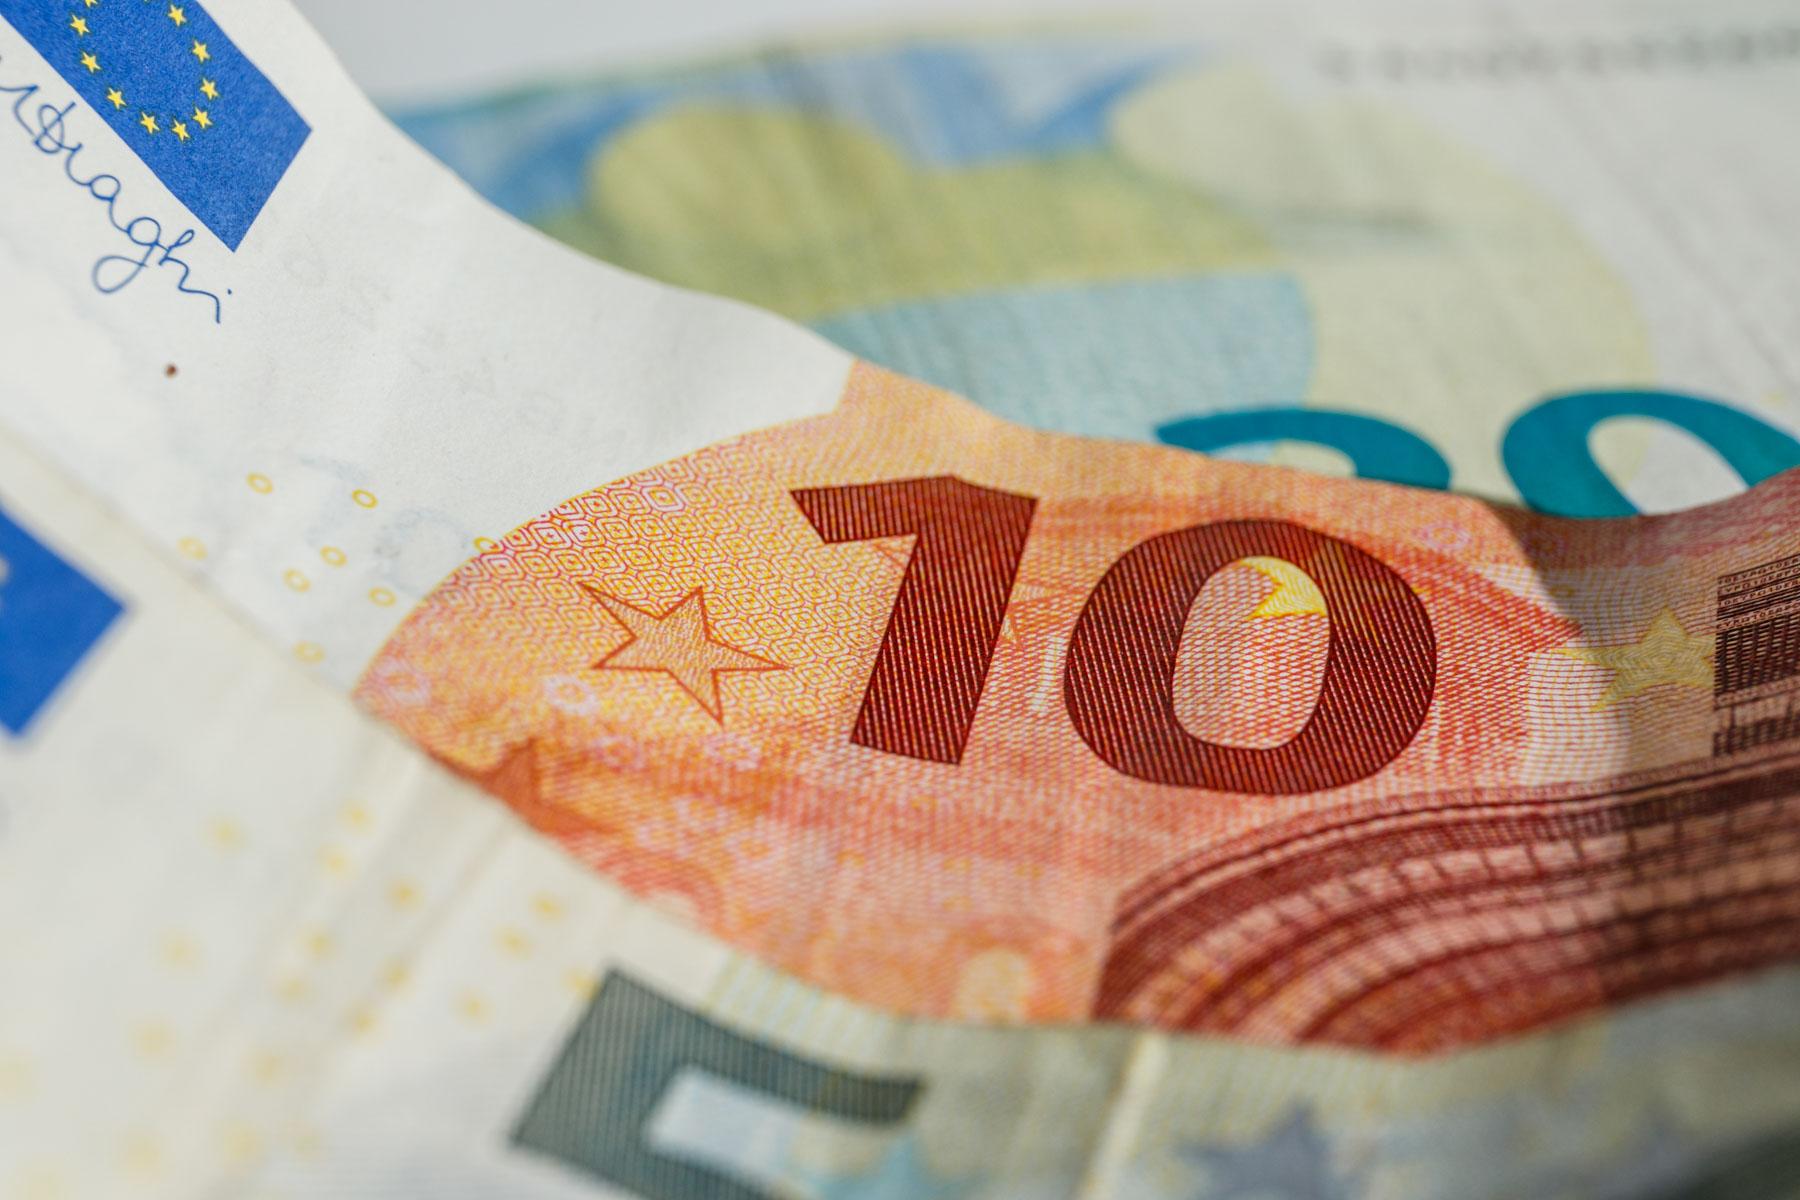 dvejetainių opcionų prekybininko demonstracinė sąskaita